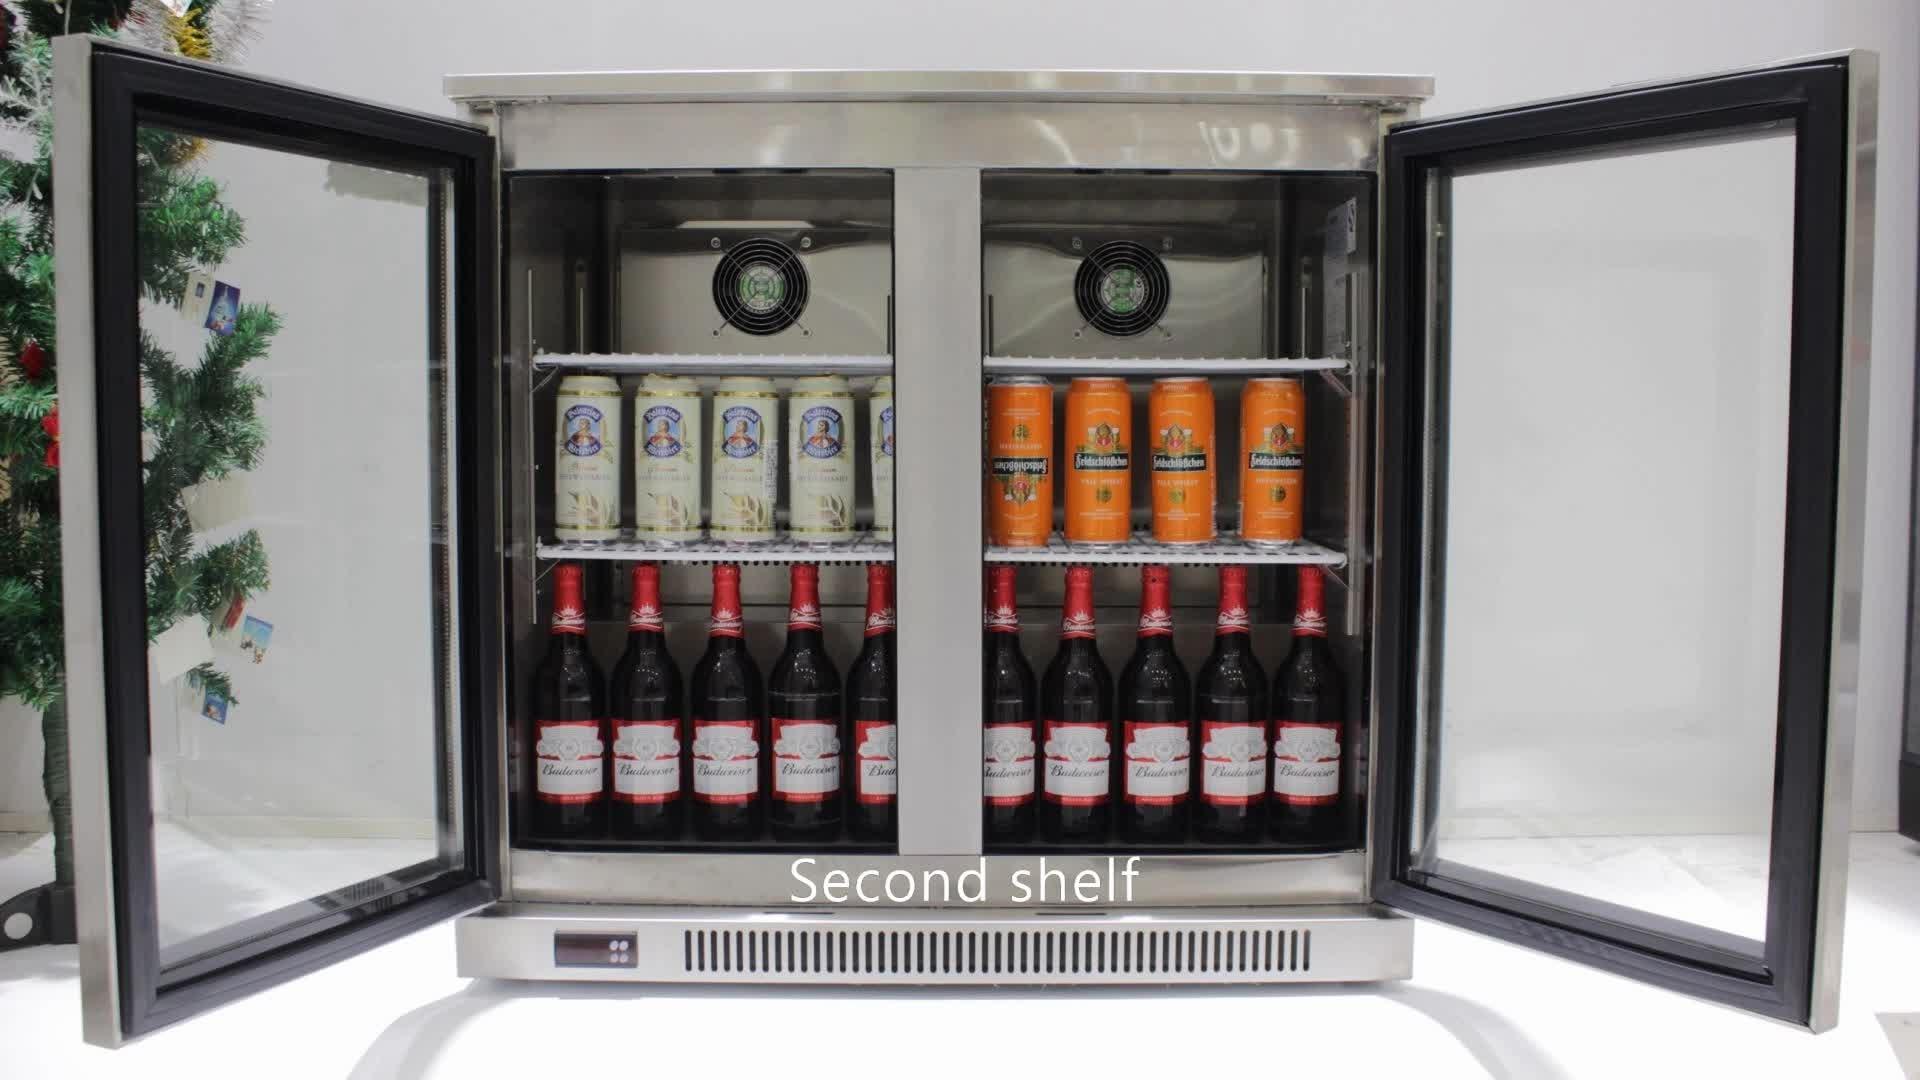 Diy Beer Bottle Refrigerator Madison Art Center Design